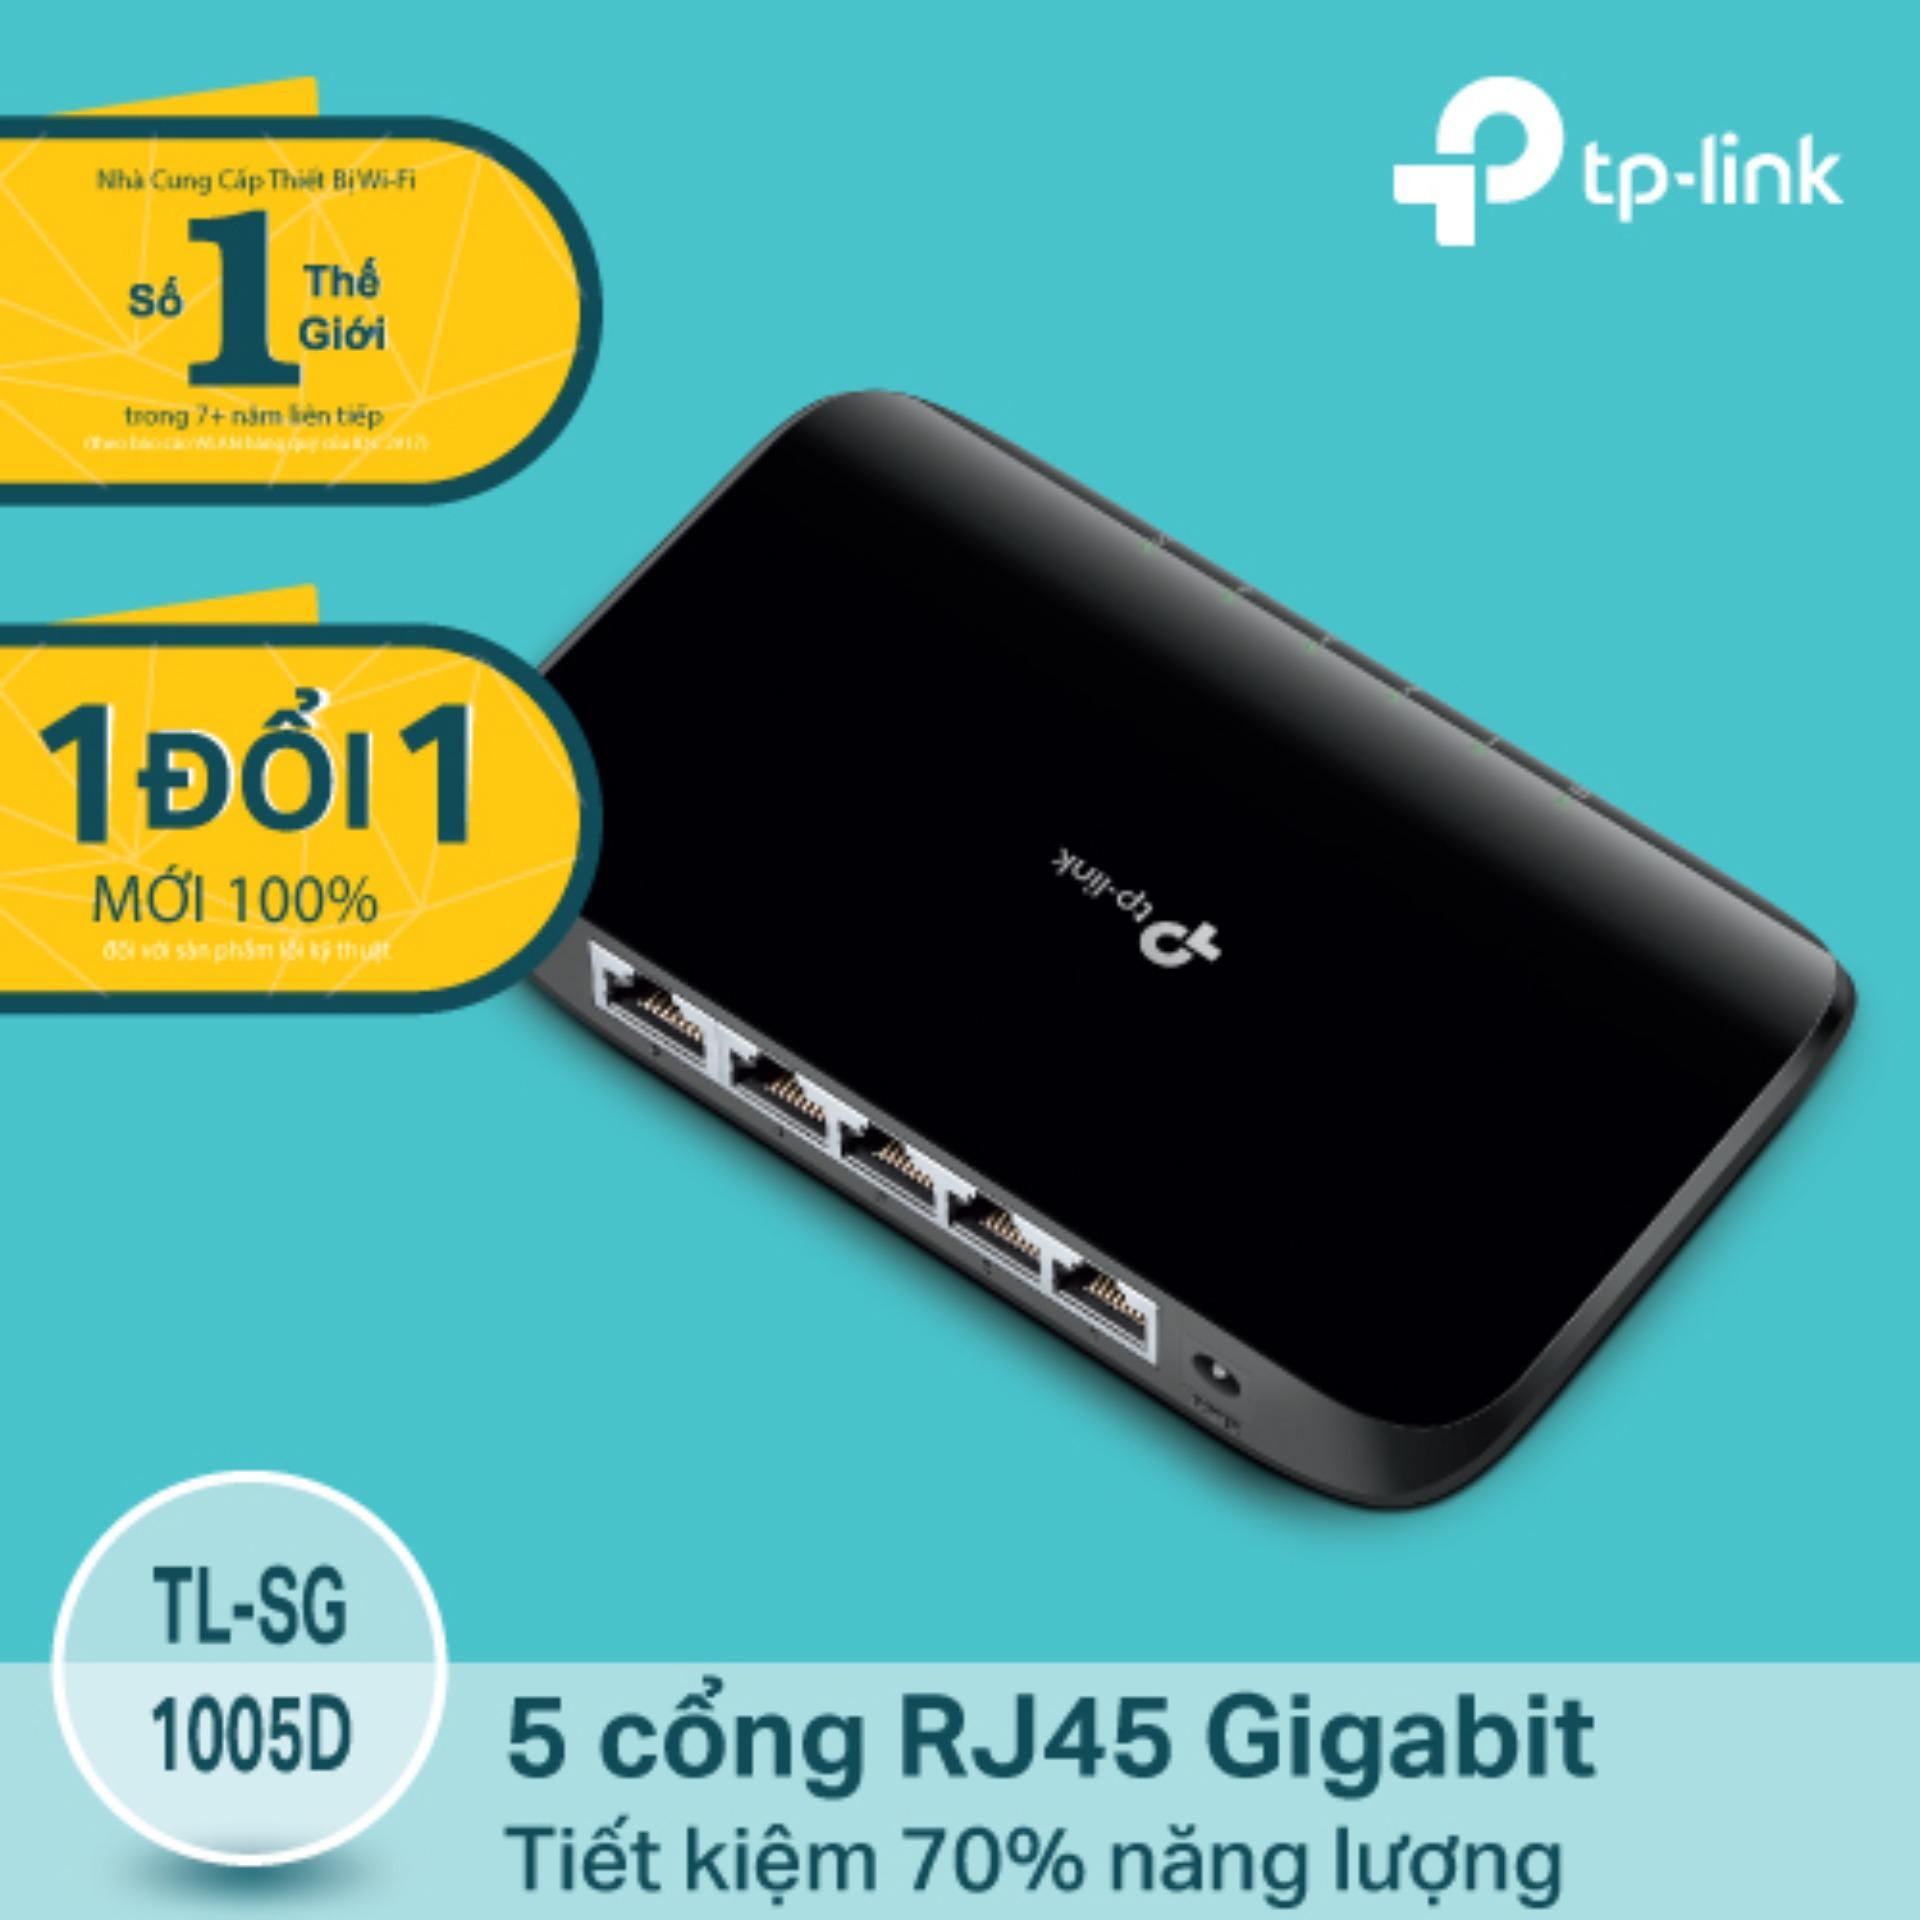 Mua Tp Link Tl Sg1005D Switch Gigabit 5 Cổng Để Ban Trong Hồ Chí Minh